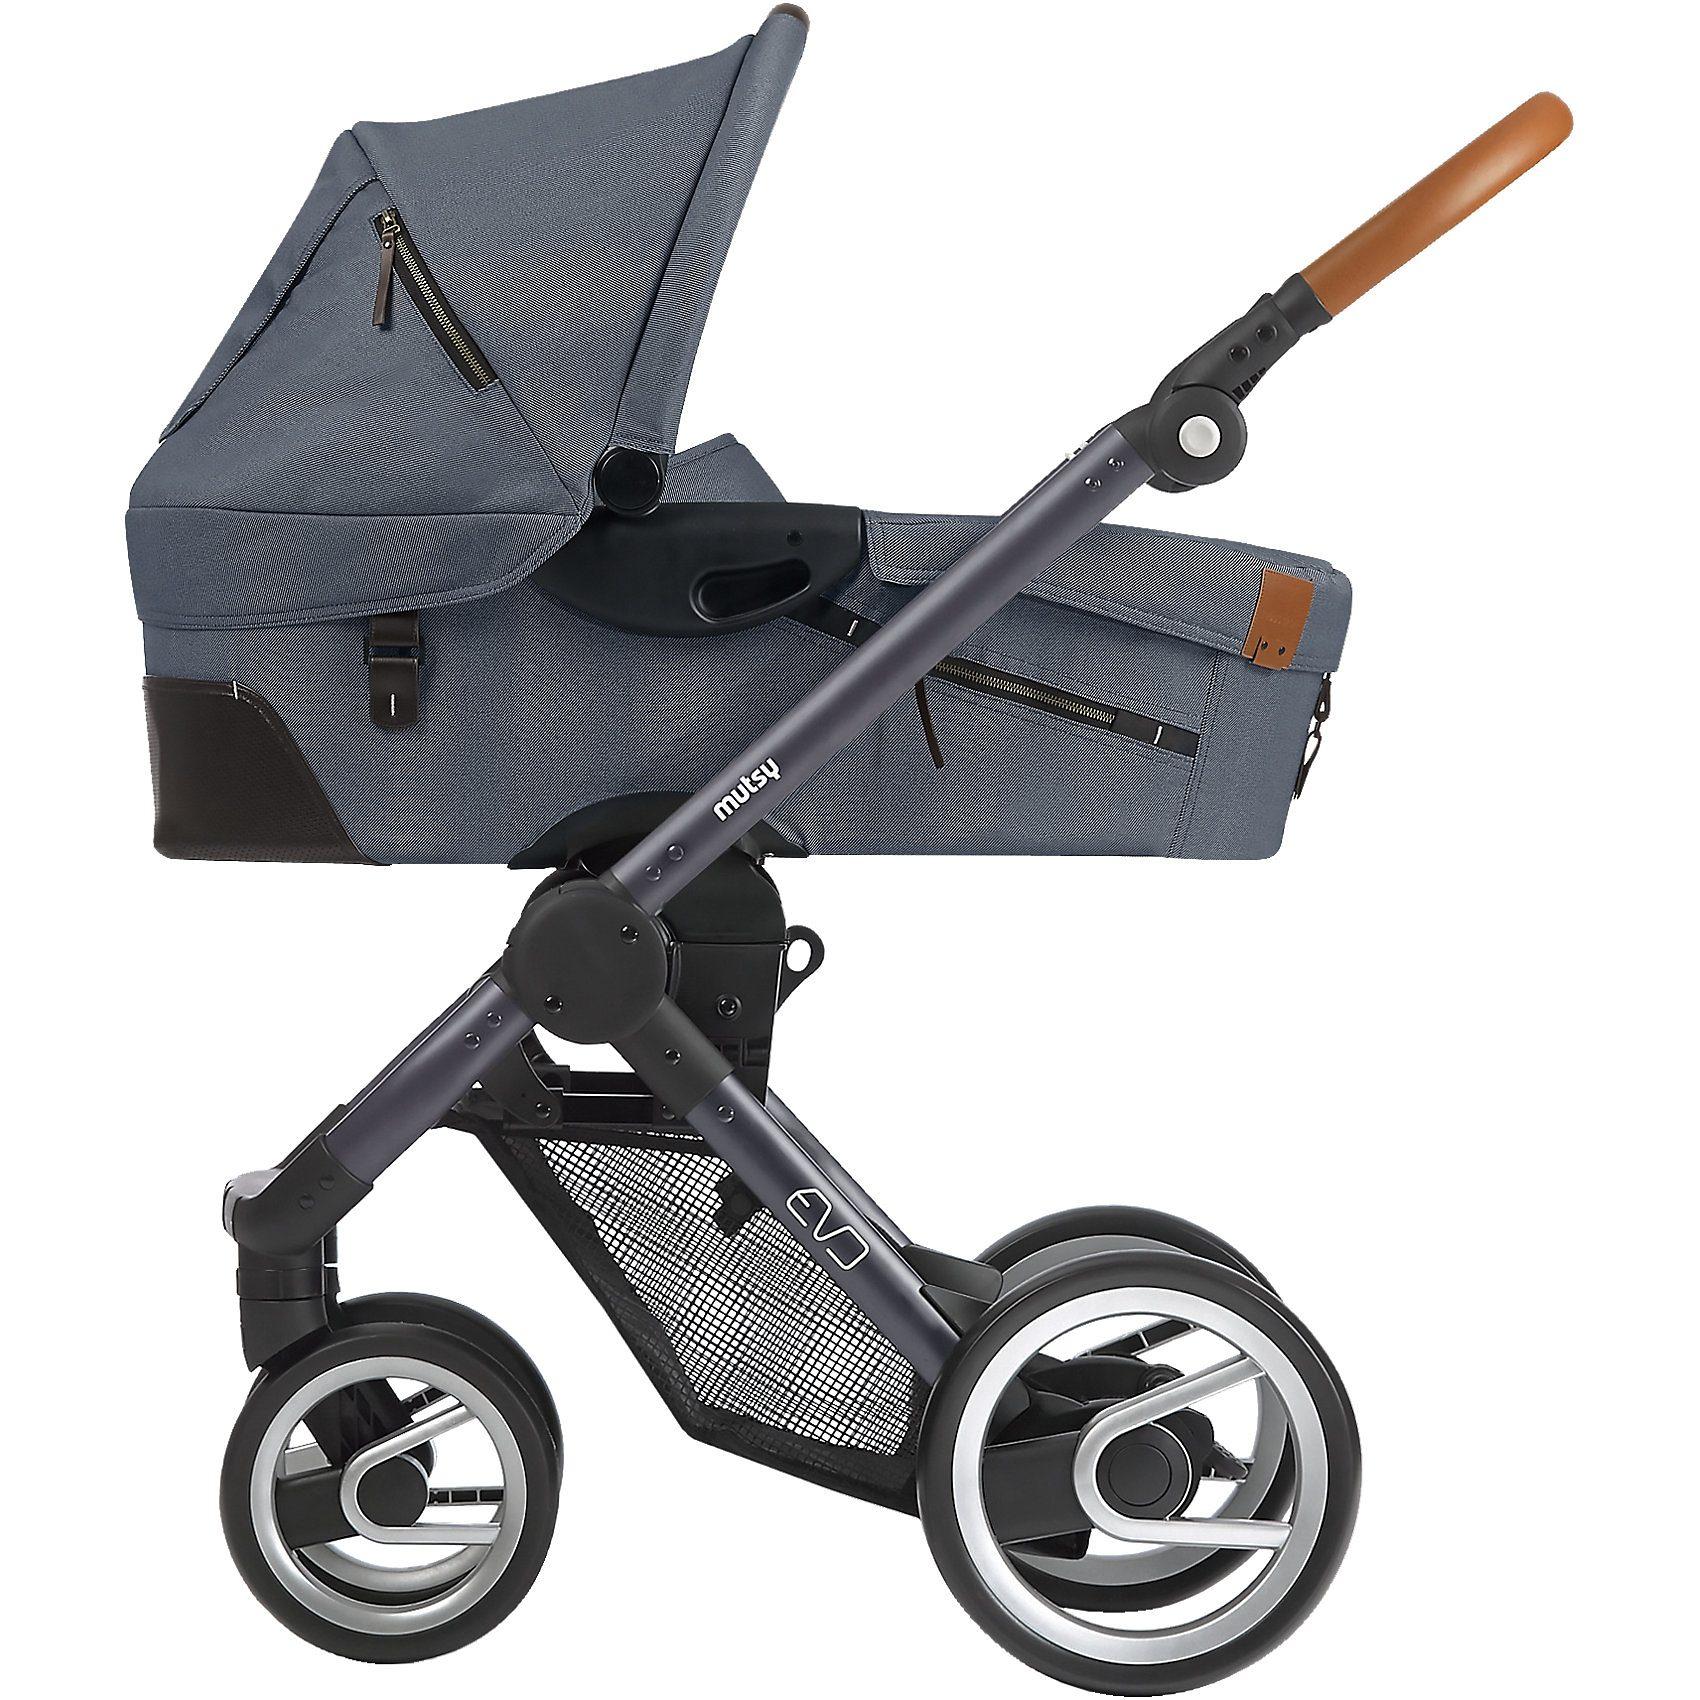 mutsy Kombi-Kinderwagen Evo, industrial grey, Gestell darkgrey, 20